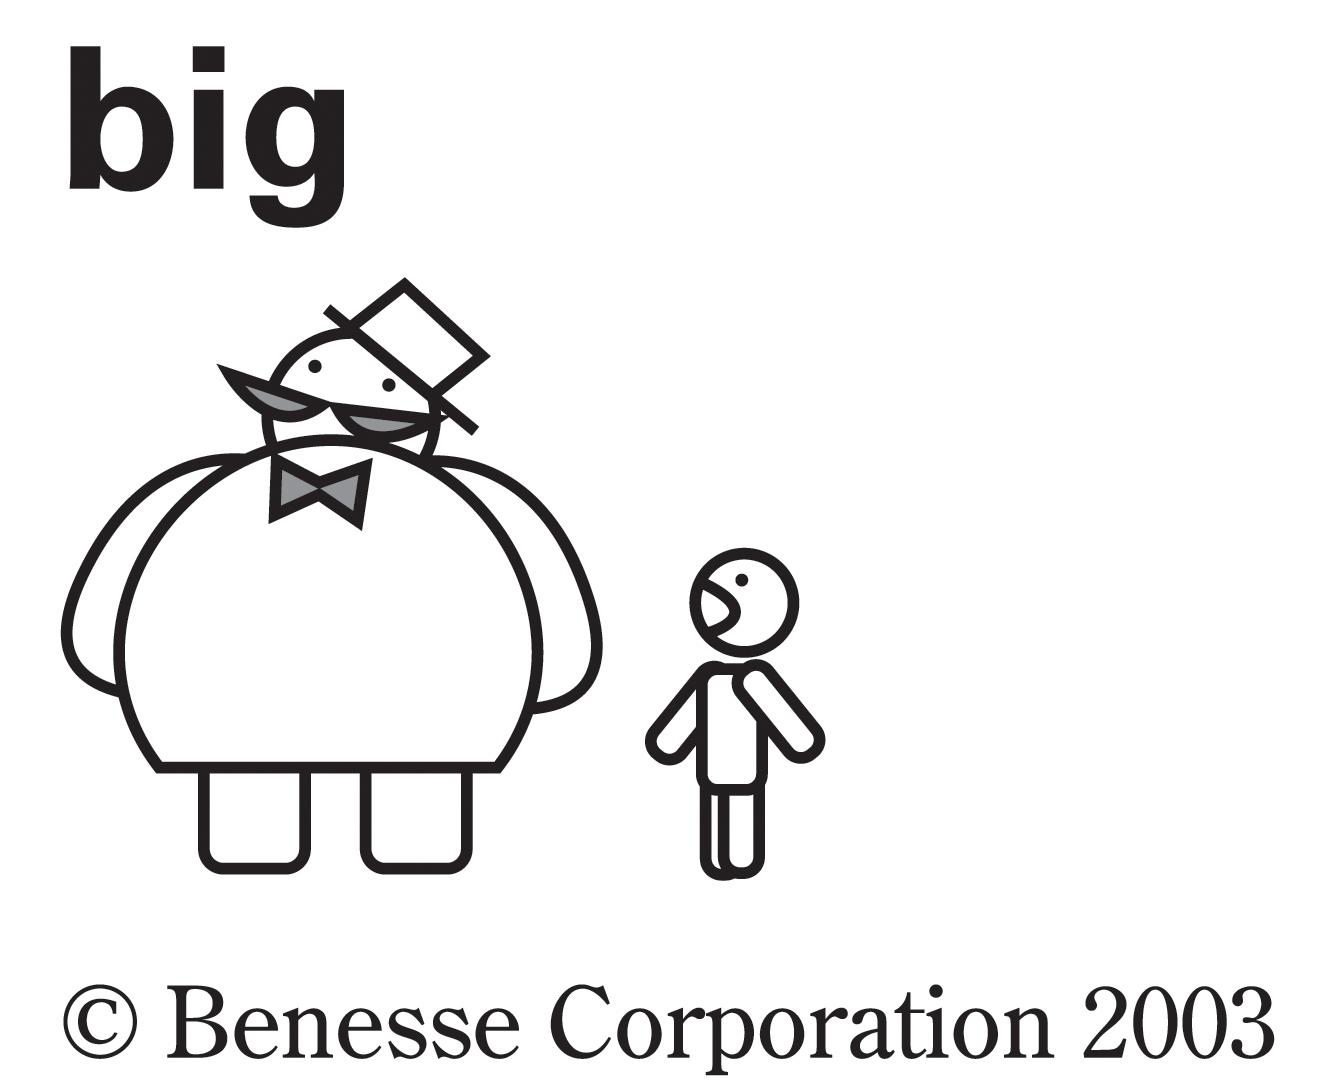 big01.jpg